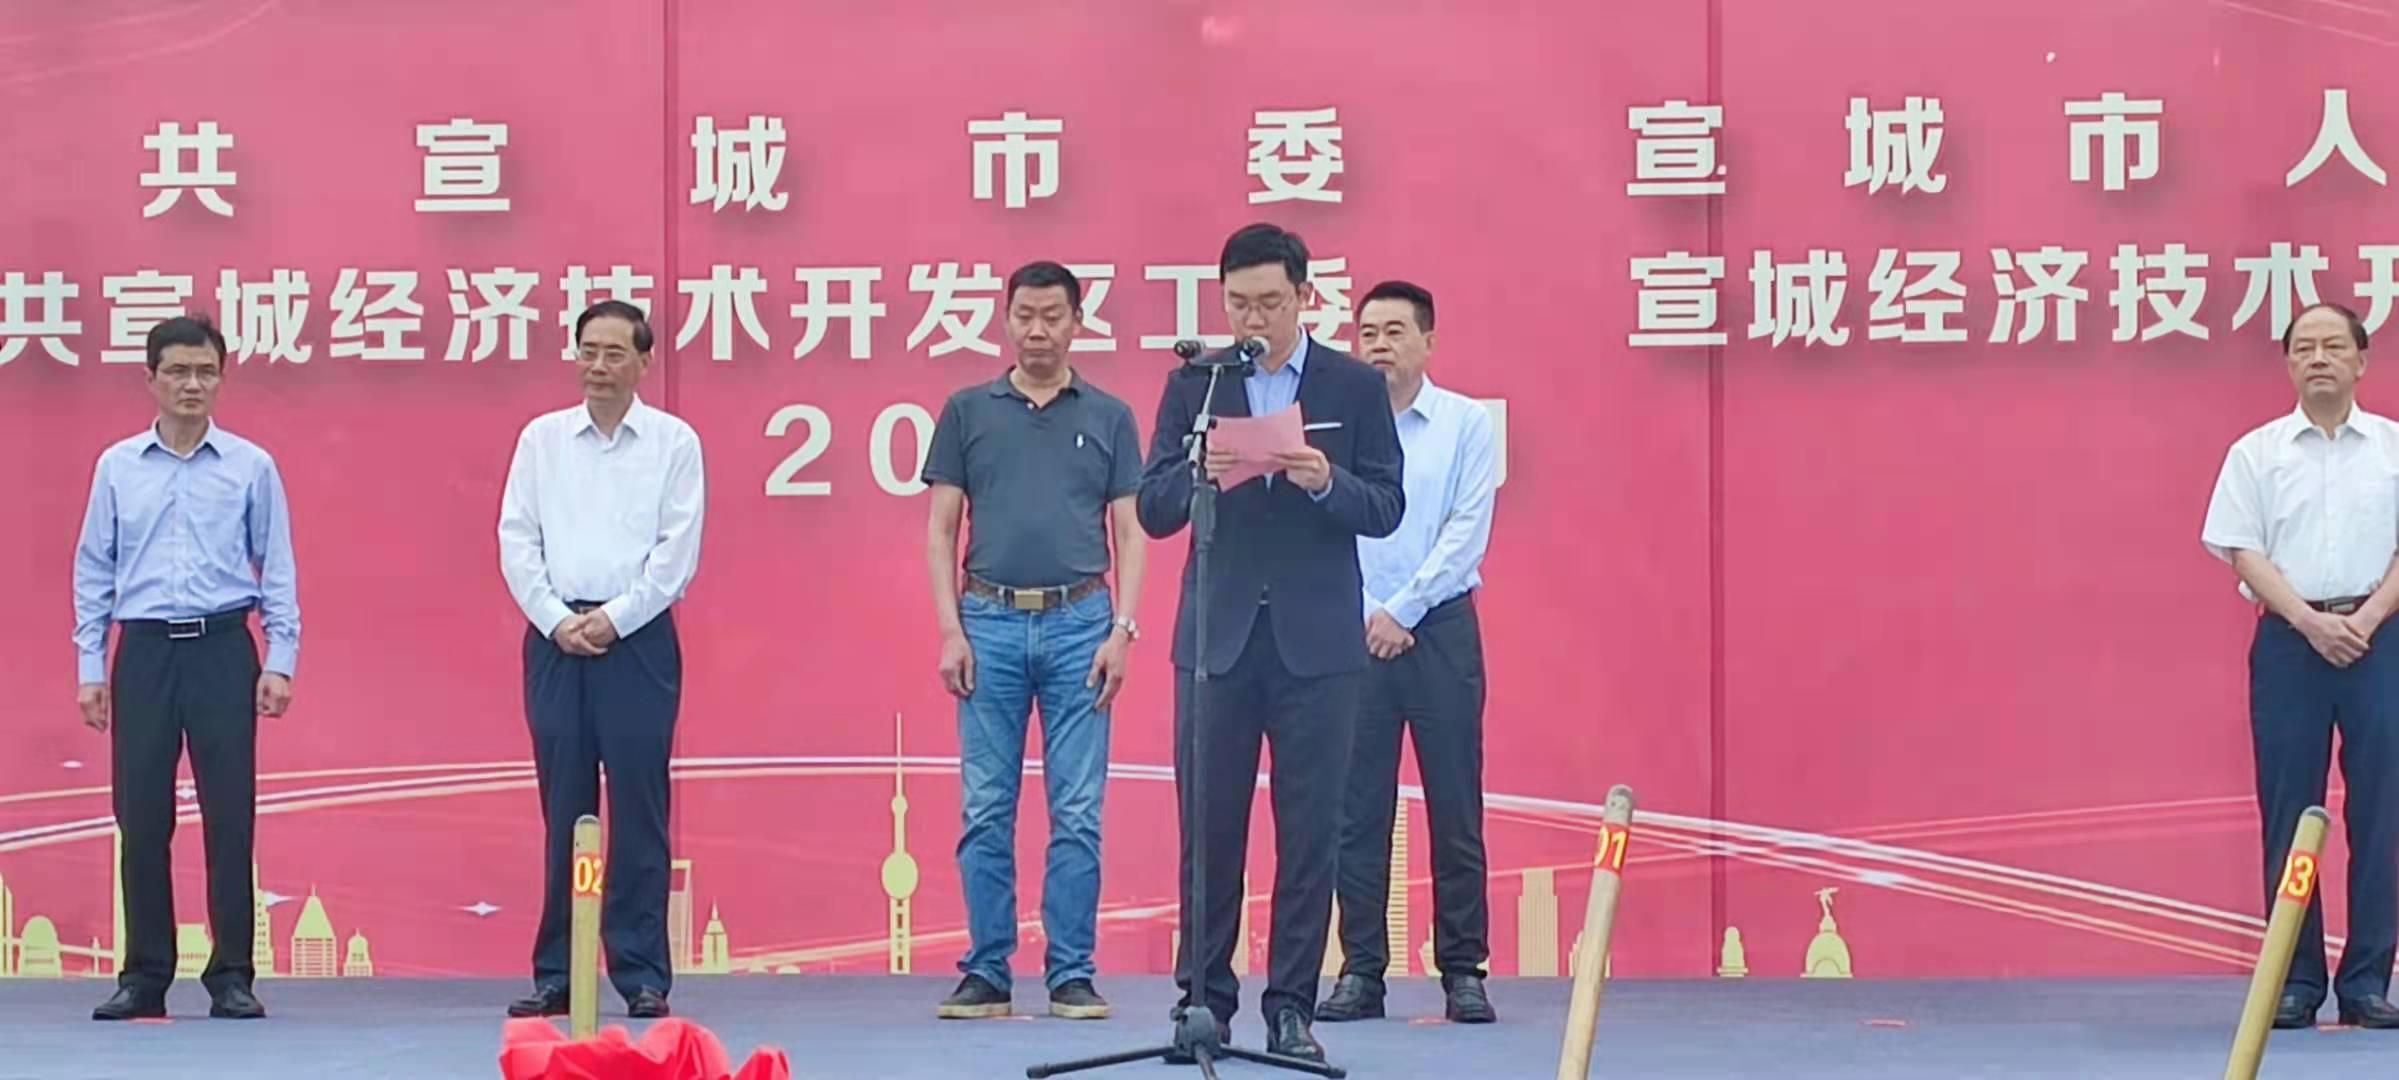 安徽第五批重大项目集中开工动员会宣城